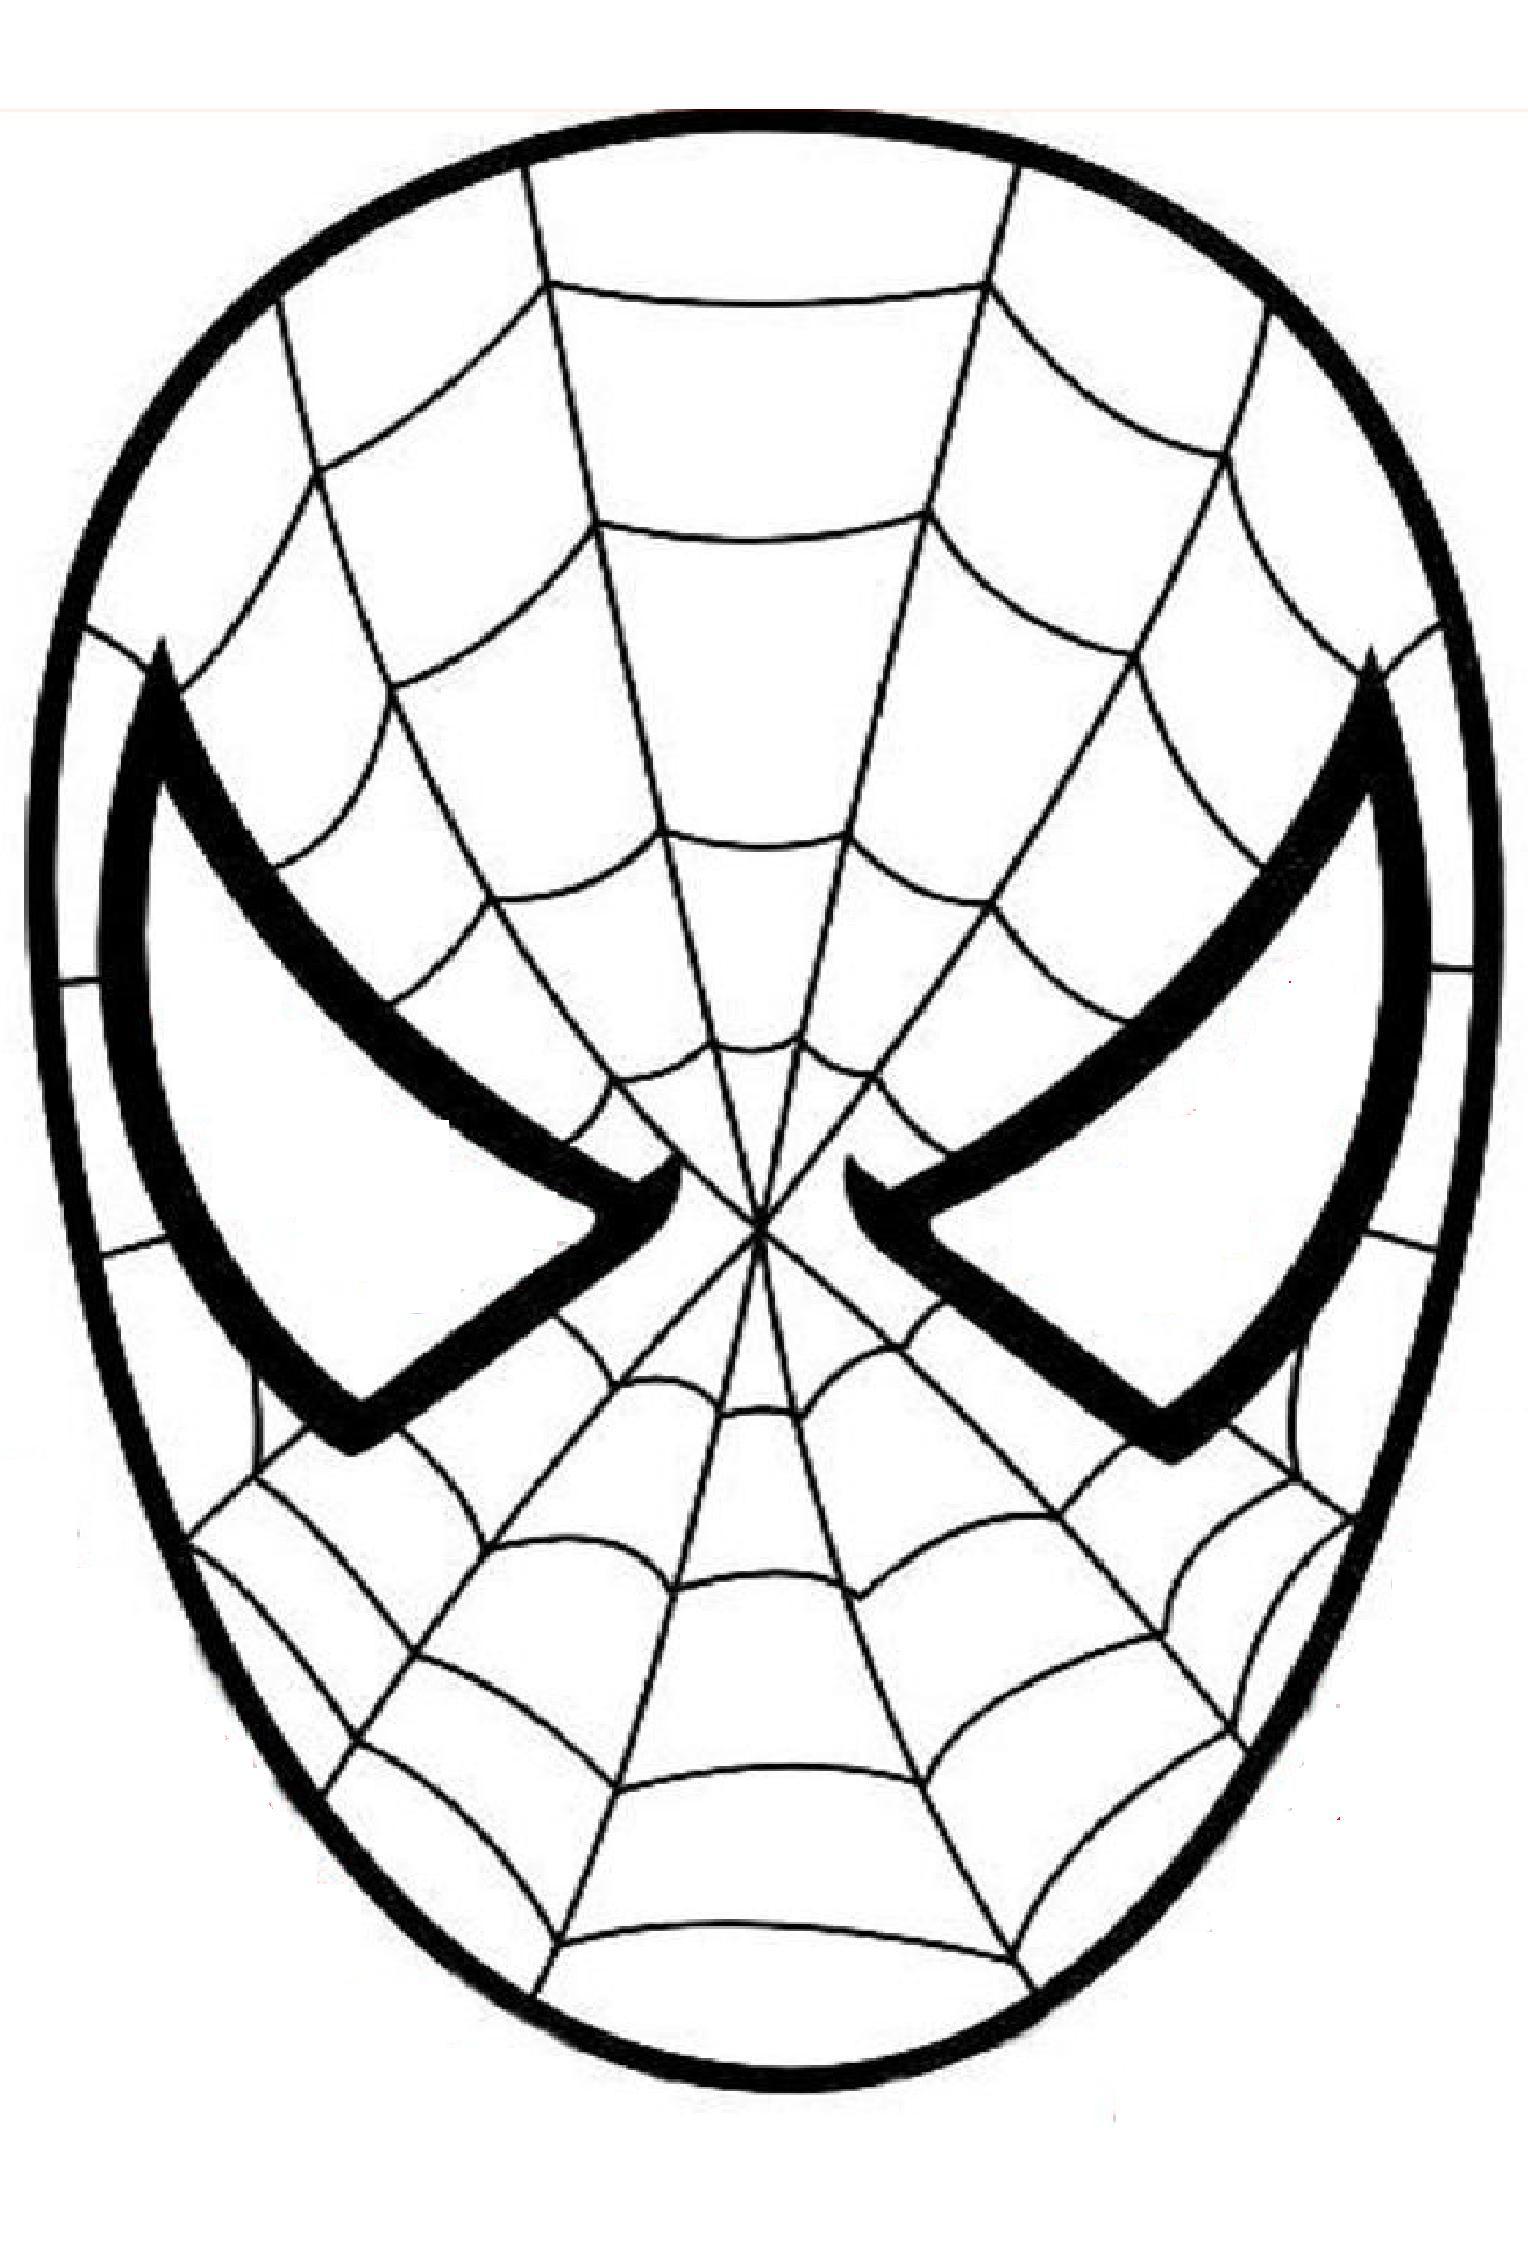 Masque Spiderman A Colorier Découpage A Imprimer | Coloriage dedans Decoupage A Imprimer Gratuit